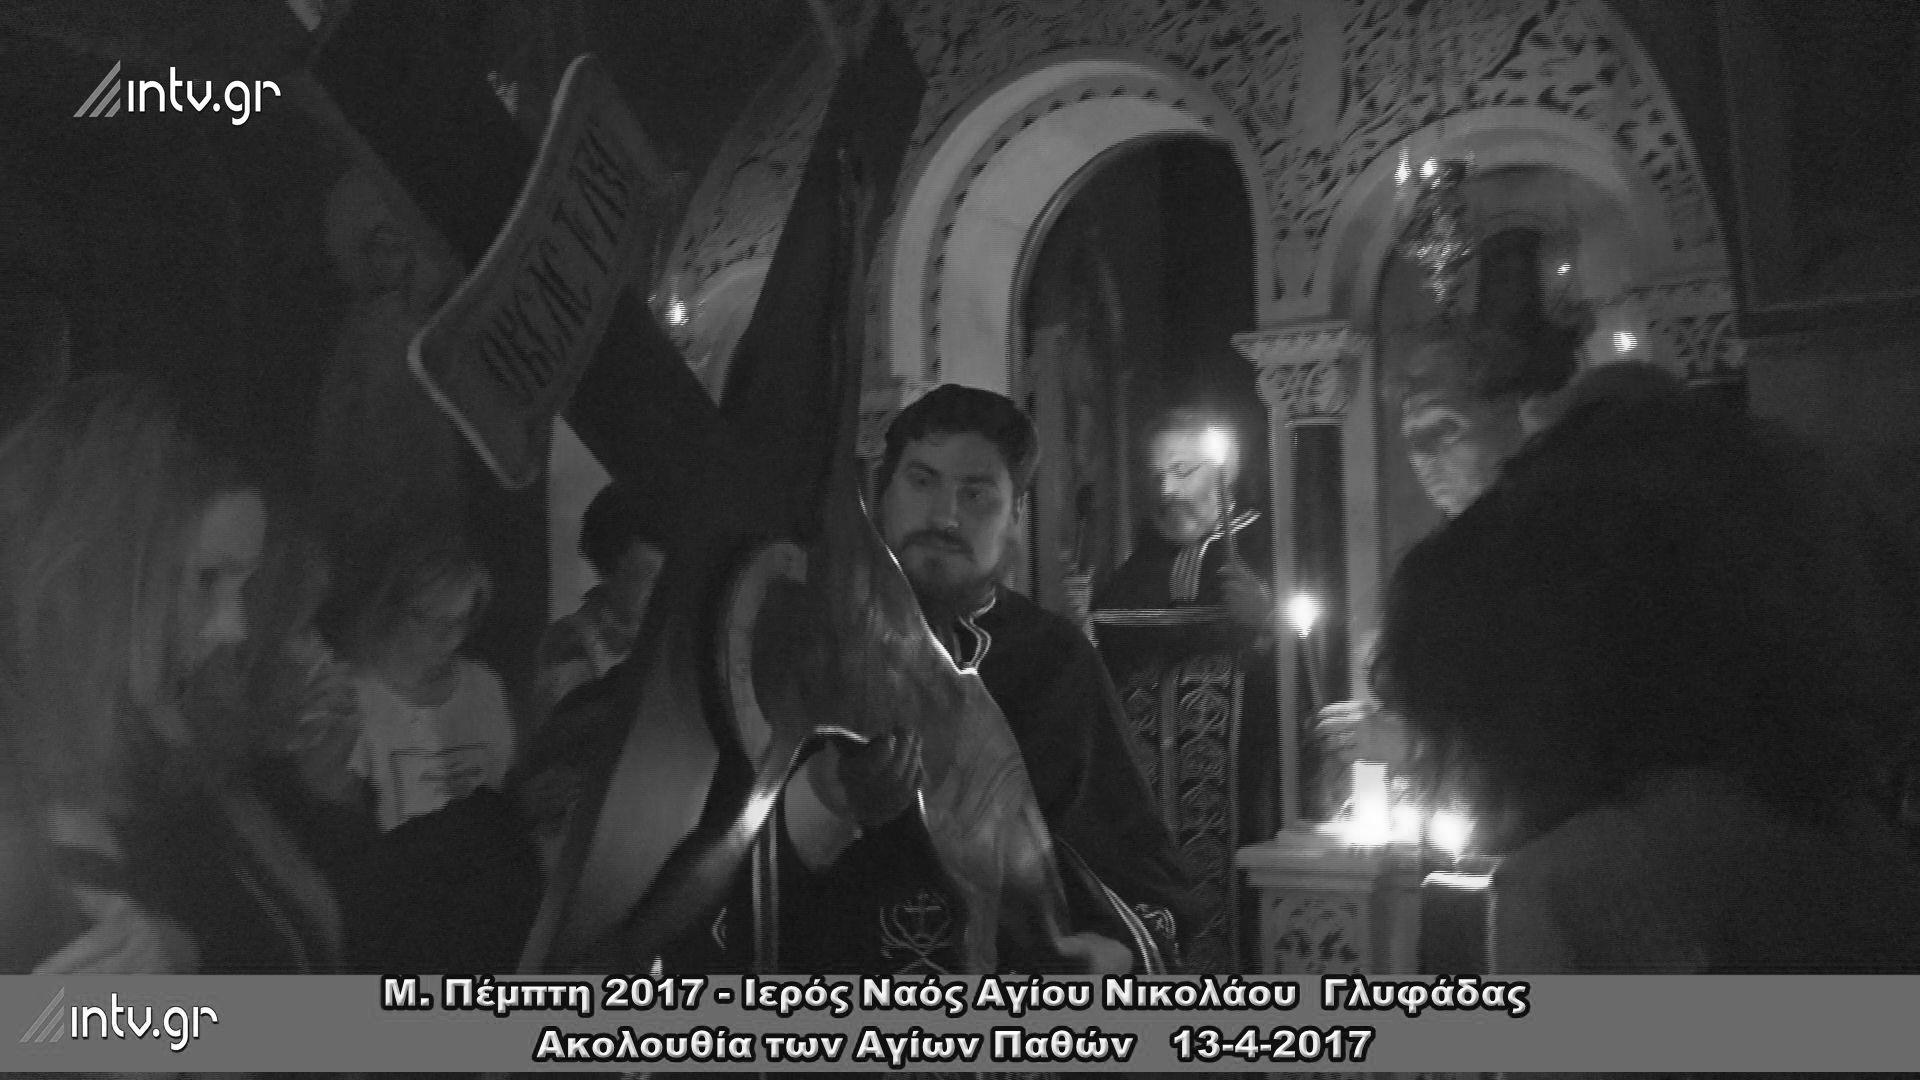 Μ. Πέμπτη 2017 - Ακολουθία των Παθών - Ι. Ναός Αγίου Νικολάου Γλυφάδας